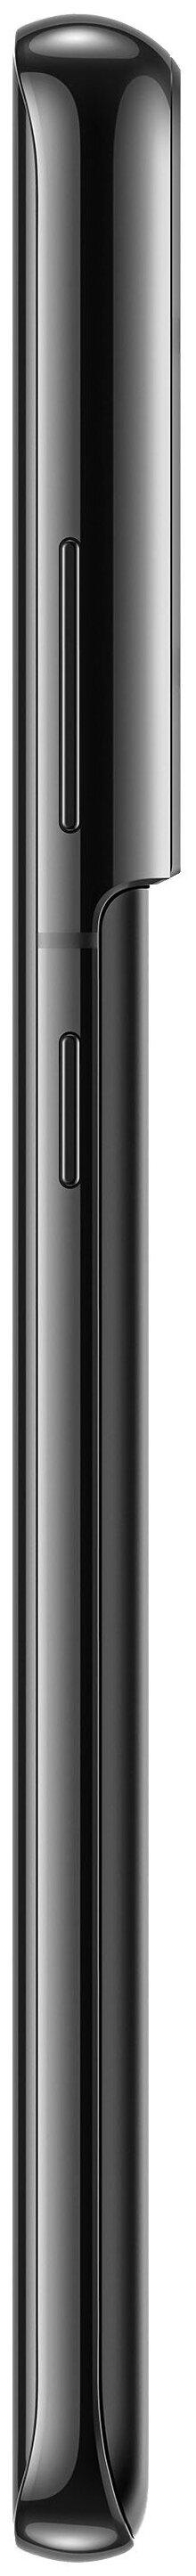 Samsung Galaxy S21 Ultra 5G 16/512GB - беспроводные интерфейсы: NFC, Wi-Fi, Bluetooth 5.2